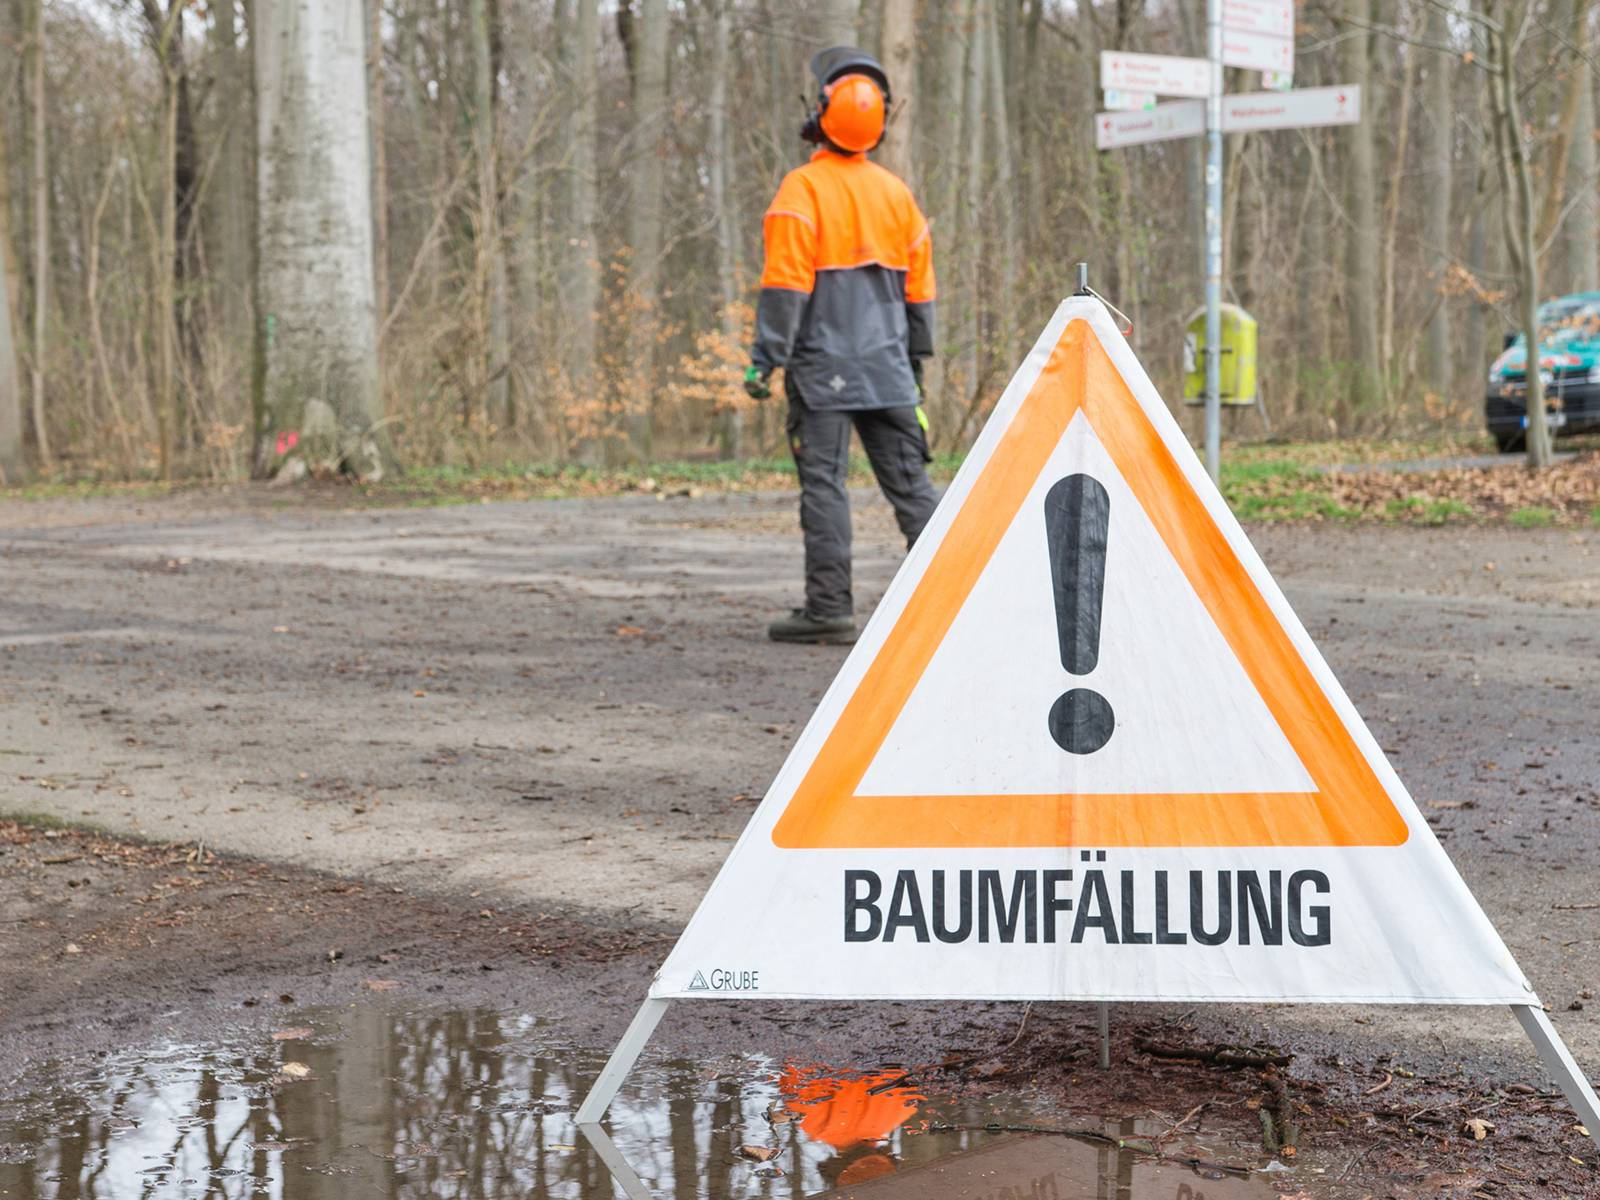 """Warnschild """"Baumfällung"""" im Vordergrund, daher ein Mann, der die Arbeiten beobachtet"""